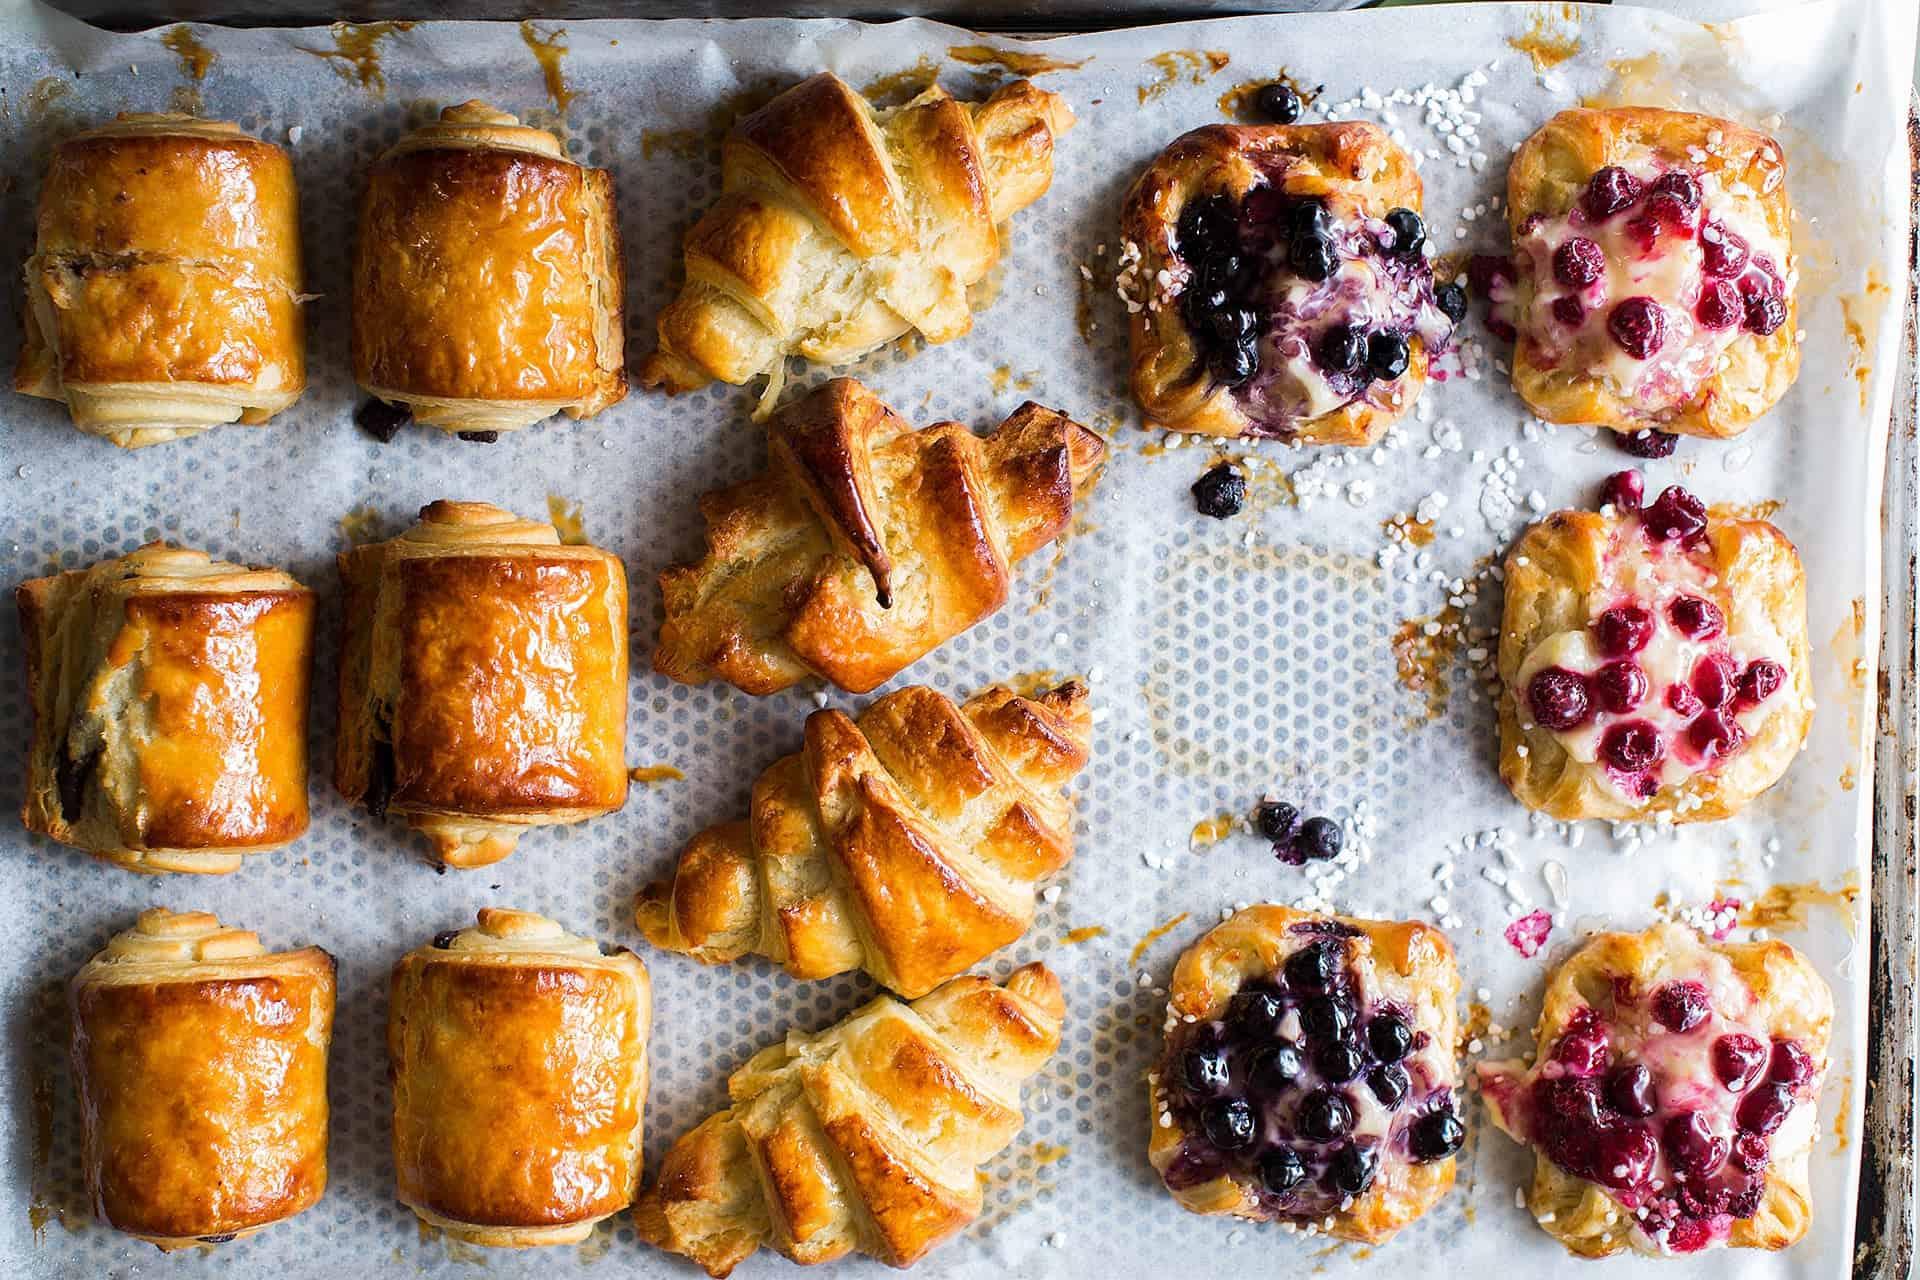 Gluten free pastries